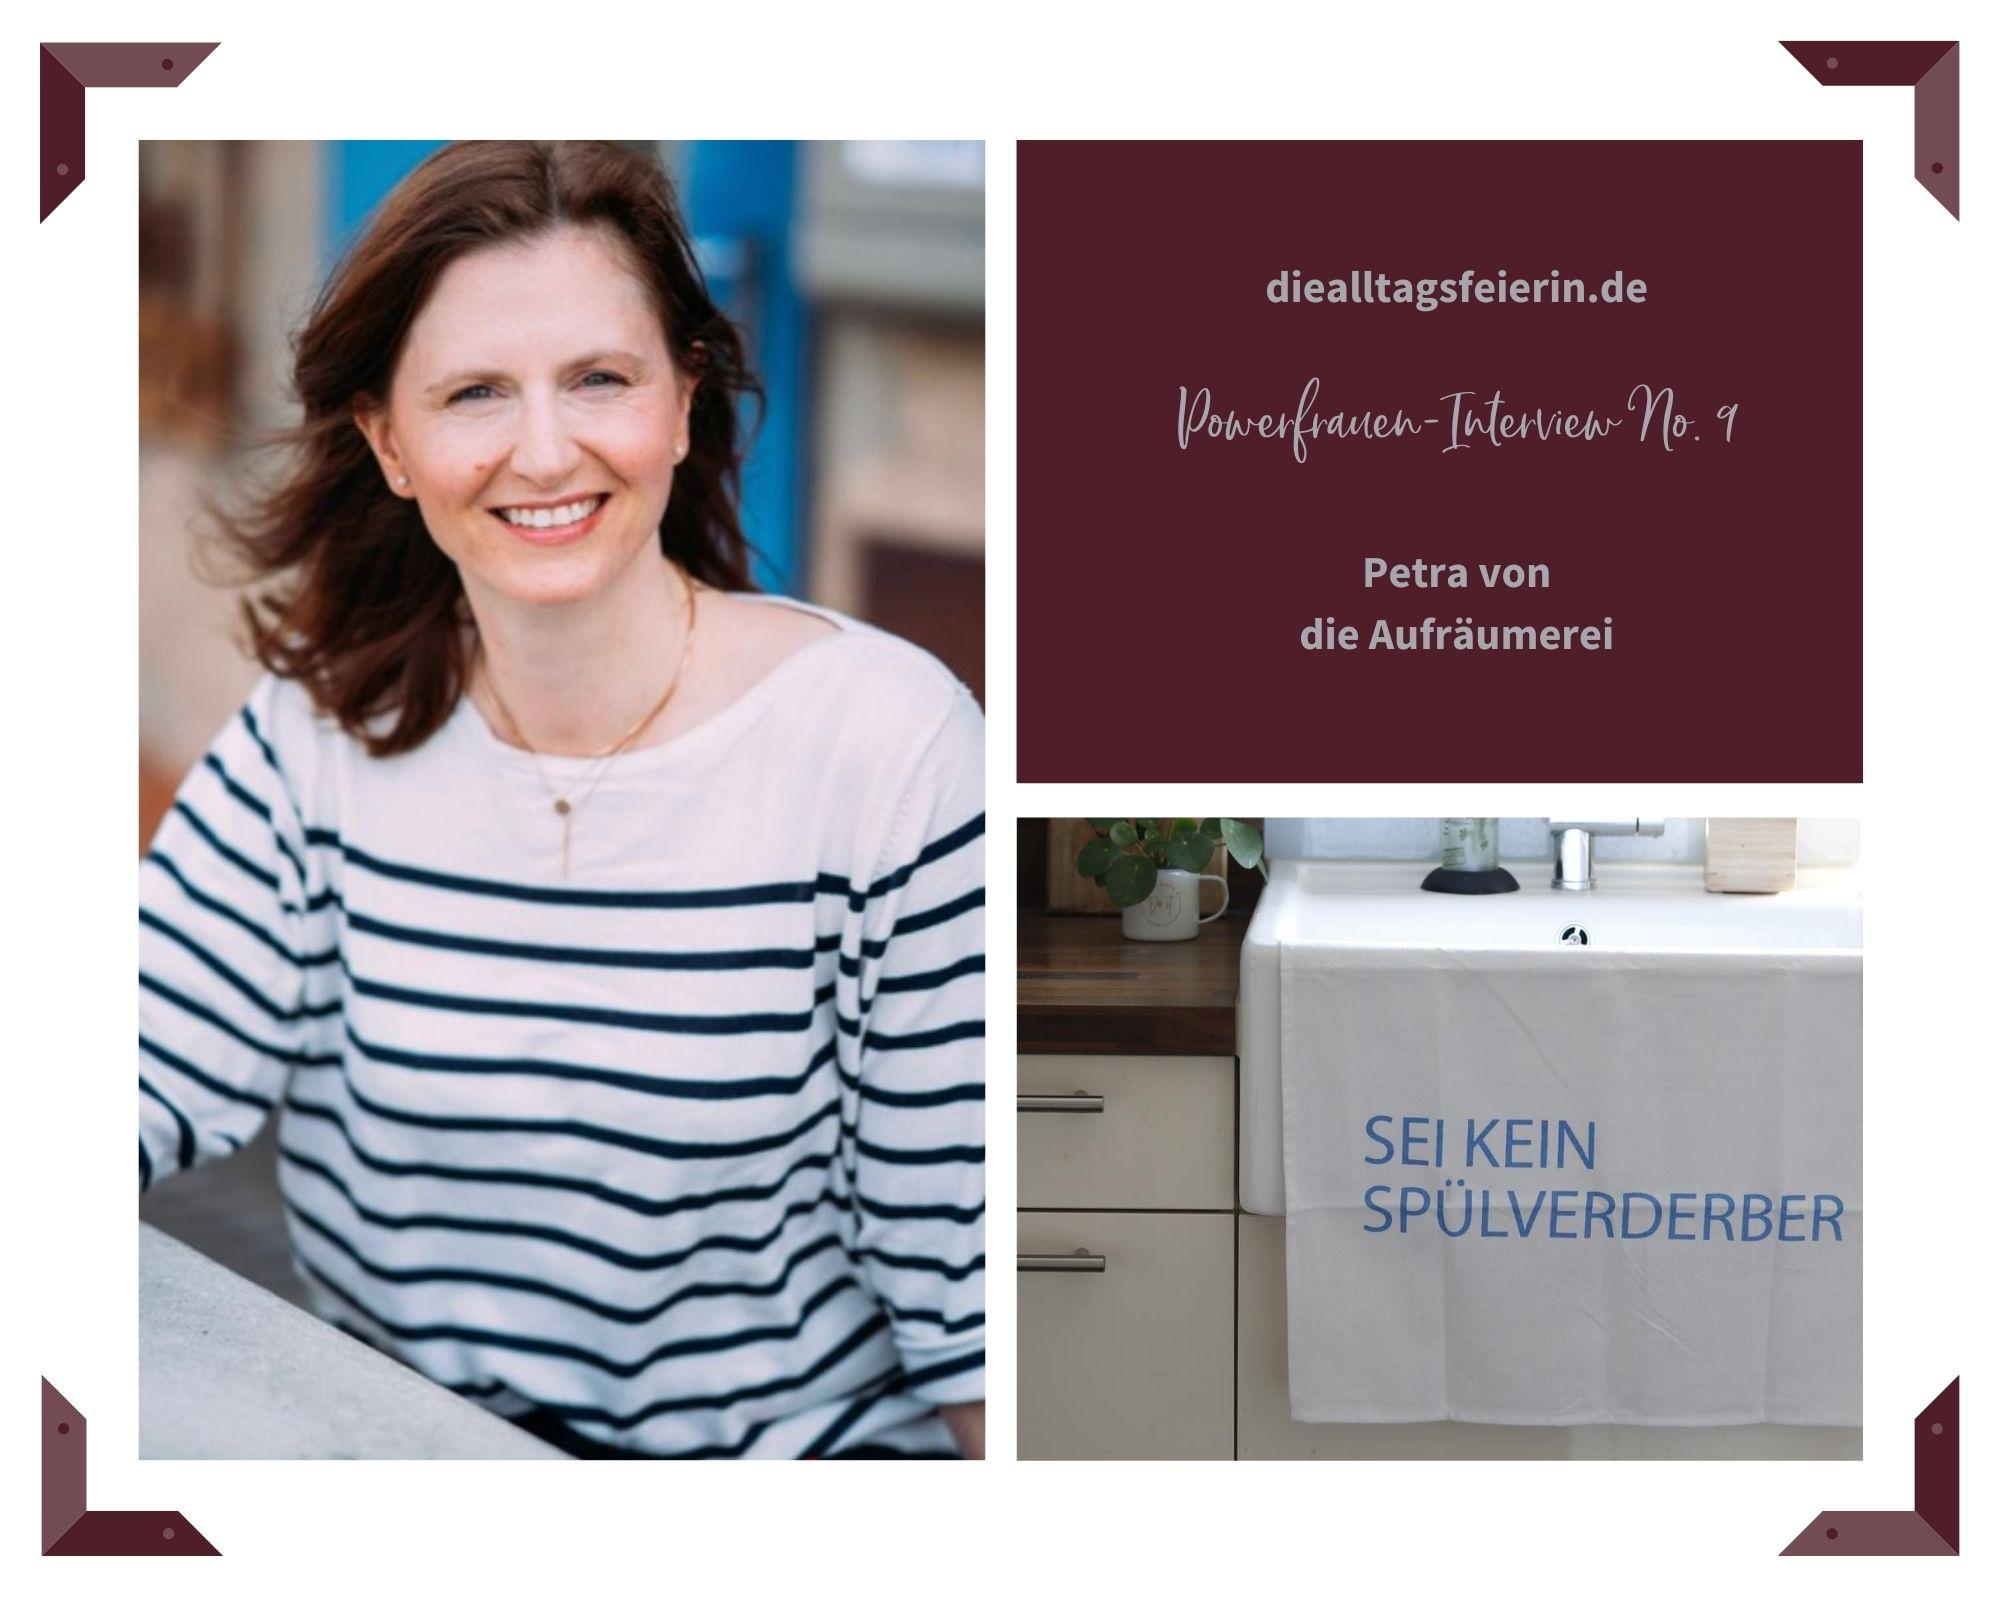 Petra Bäumler, die aufräumerei Powerfrauen-Interview auf diealltagsfeierin.de